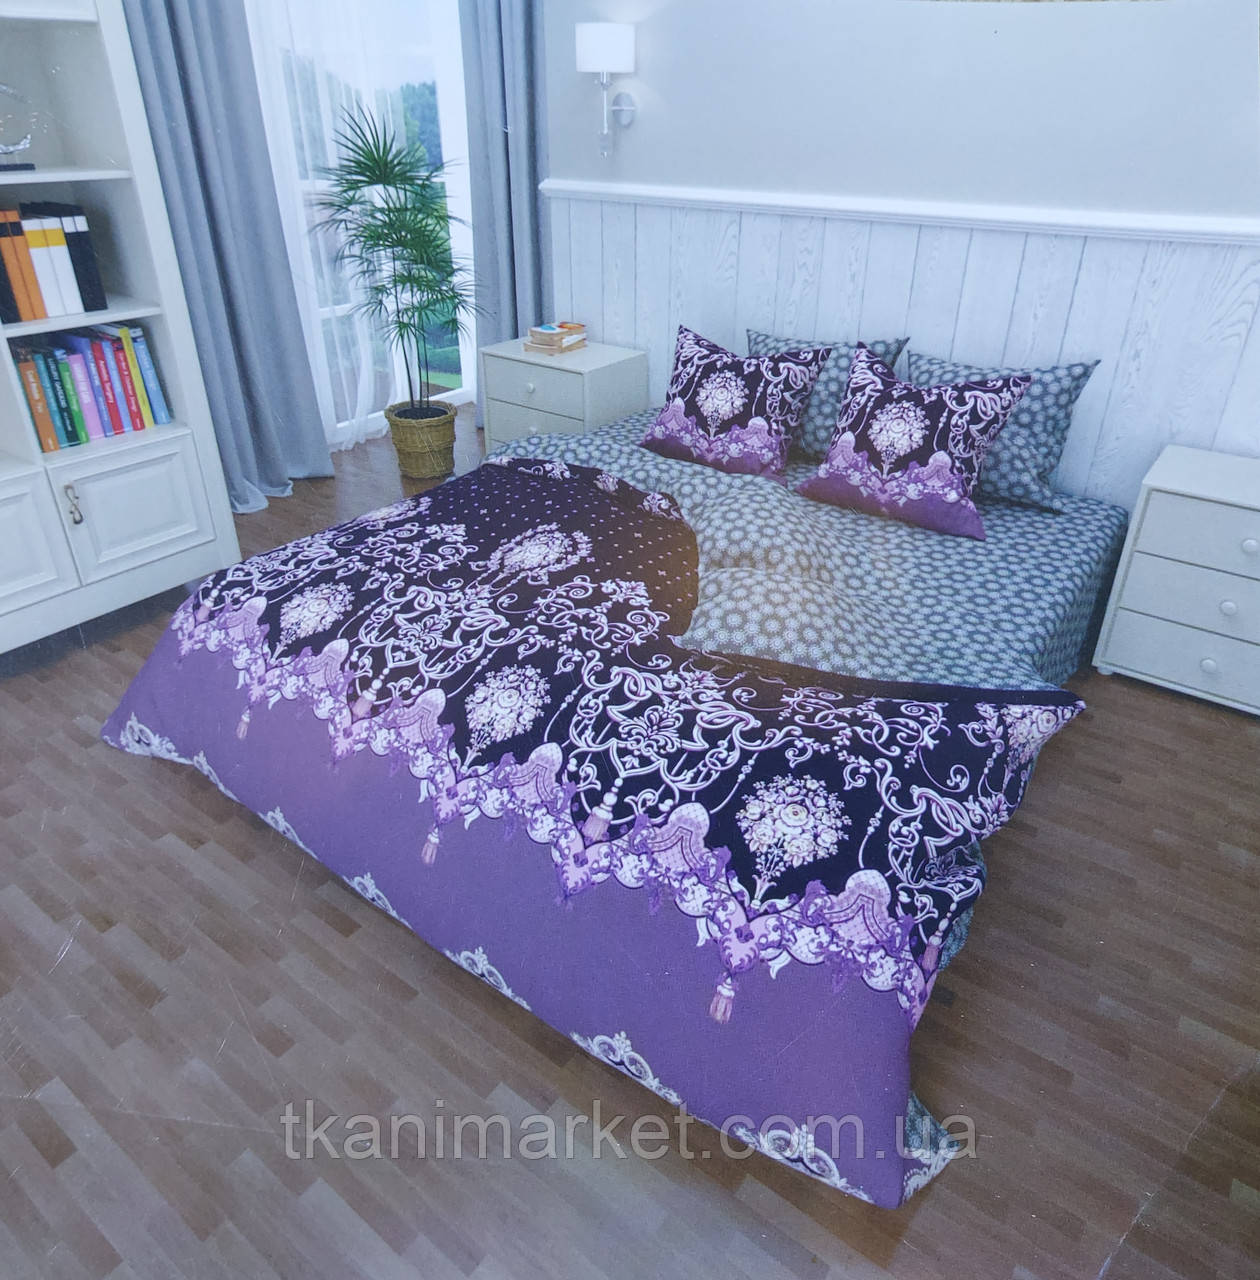 Бязь Gold Lux GL23 постельная ткань Пакистан